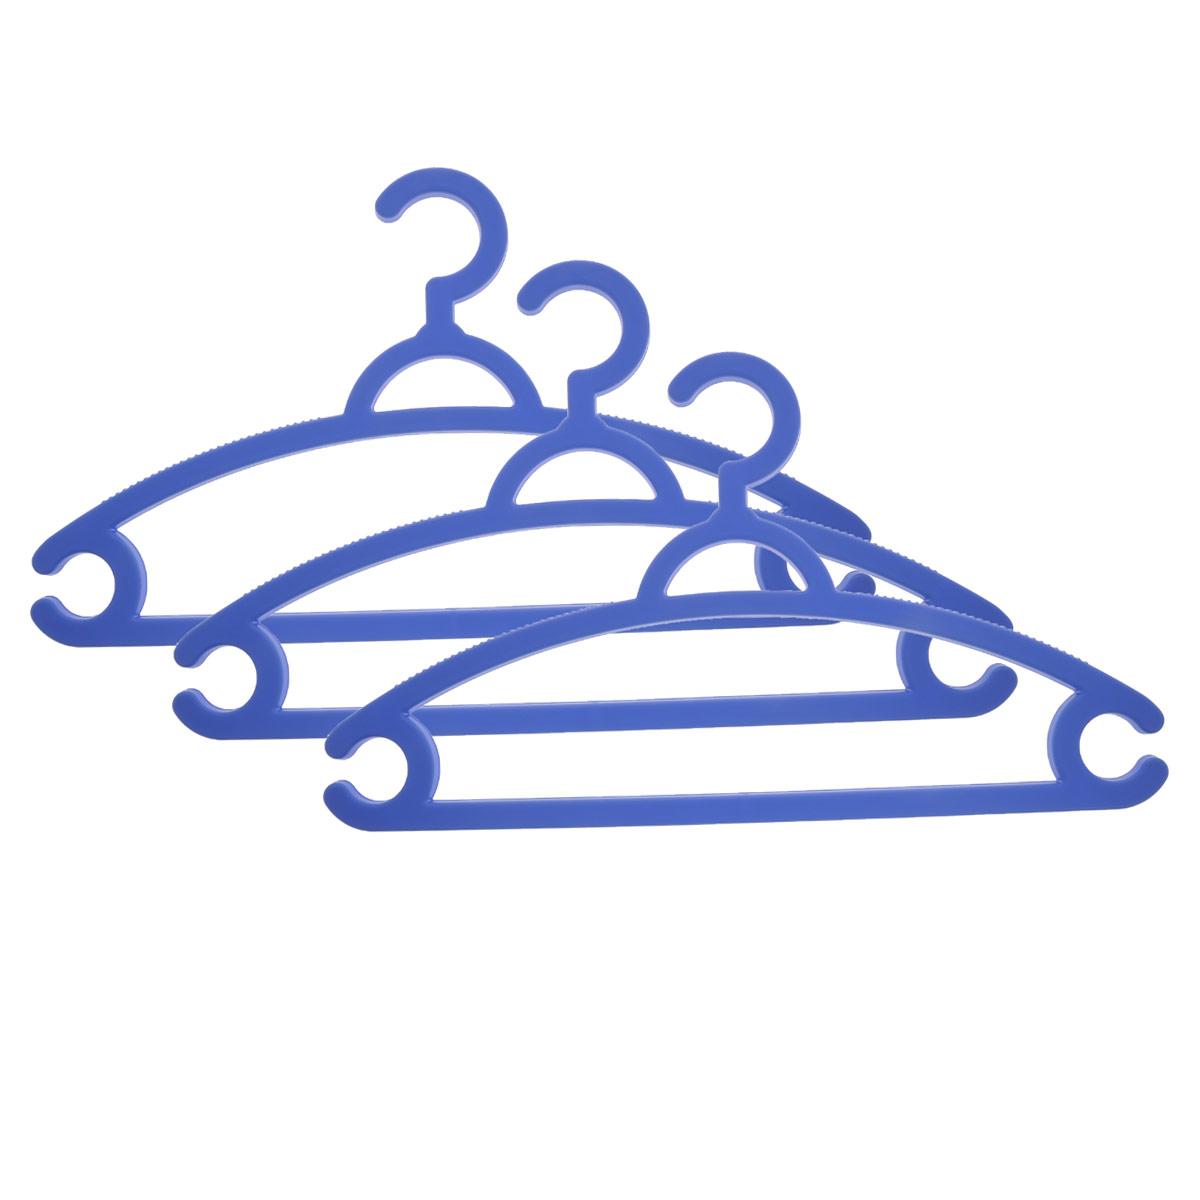 Набор вешалок для легкой одежды М-пластика, цвет: голубой, 3 штМ 2212Набор М-пластика, выполненный из легкого и прочного пластика, состоит из трех вешалок. Изделия оснащены перекладинами и двумя крючками. Вешалка - это незаменимая вещь для того, чтобы ваша одежда всегда оставалась в хорошем состоянии. Комплектация: 3 шт.